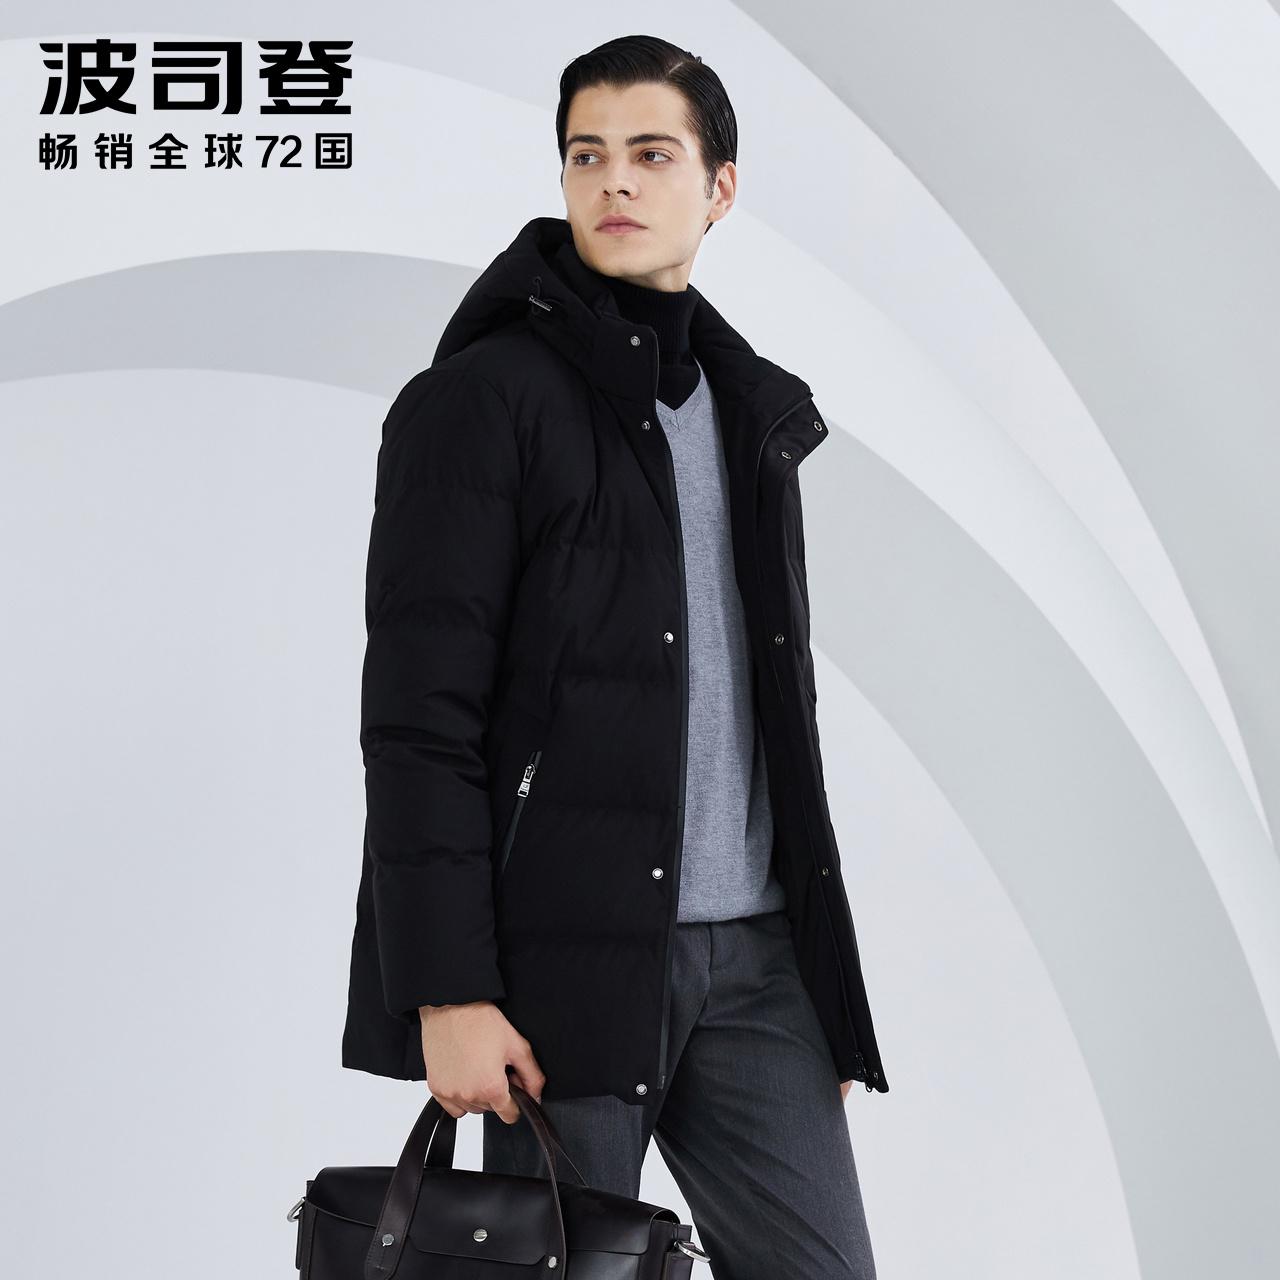 波司登羽绒服男中长款2018新款中青年加厚款工装冬季休闲商务外套